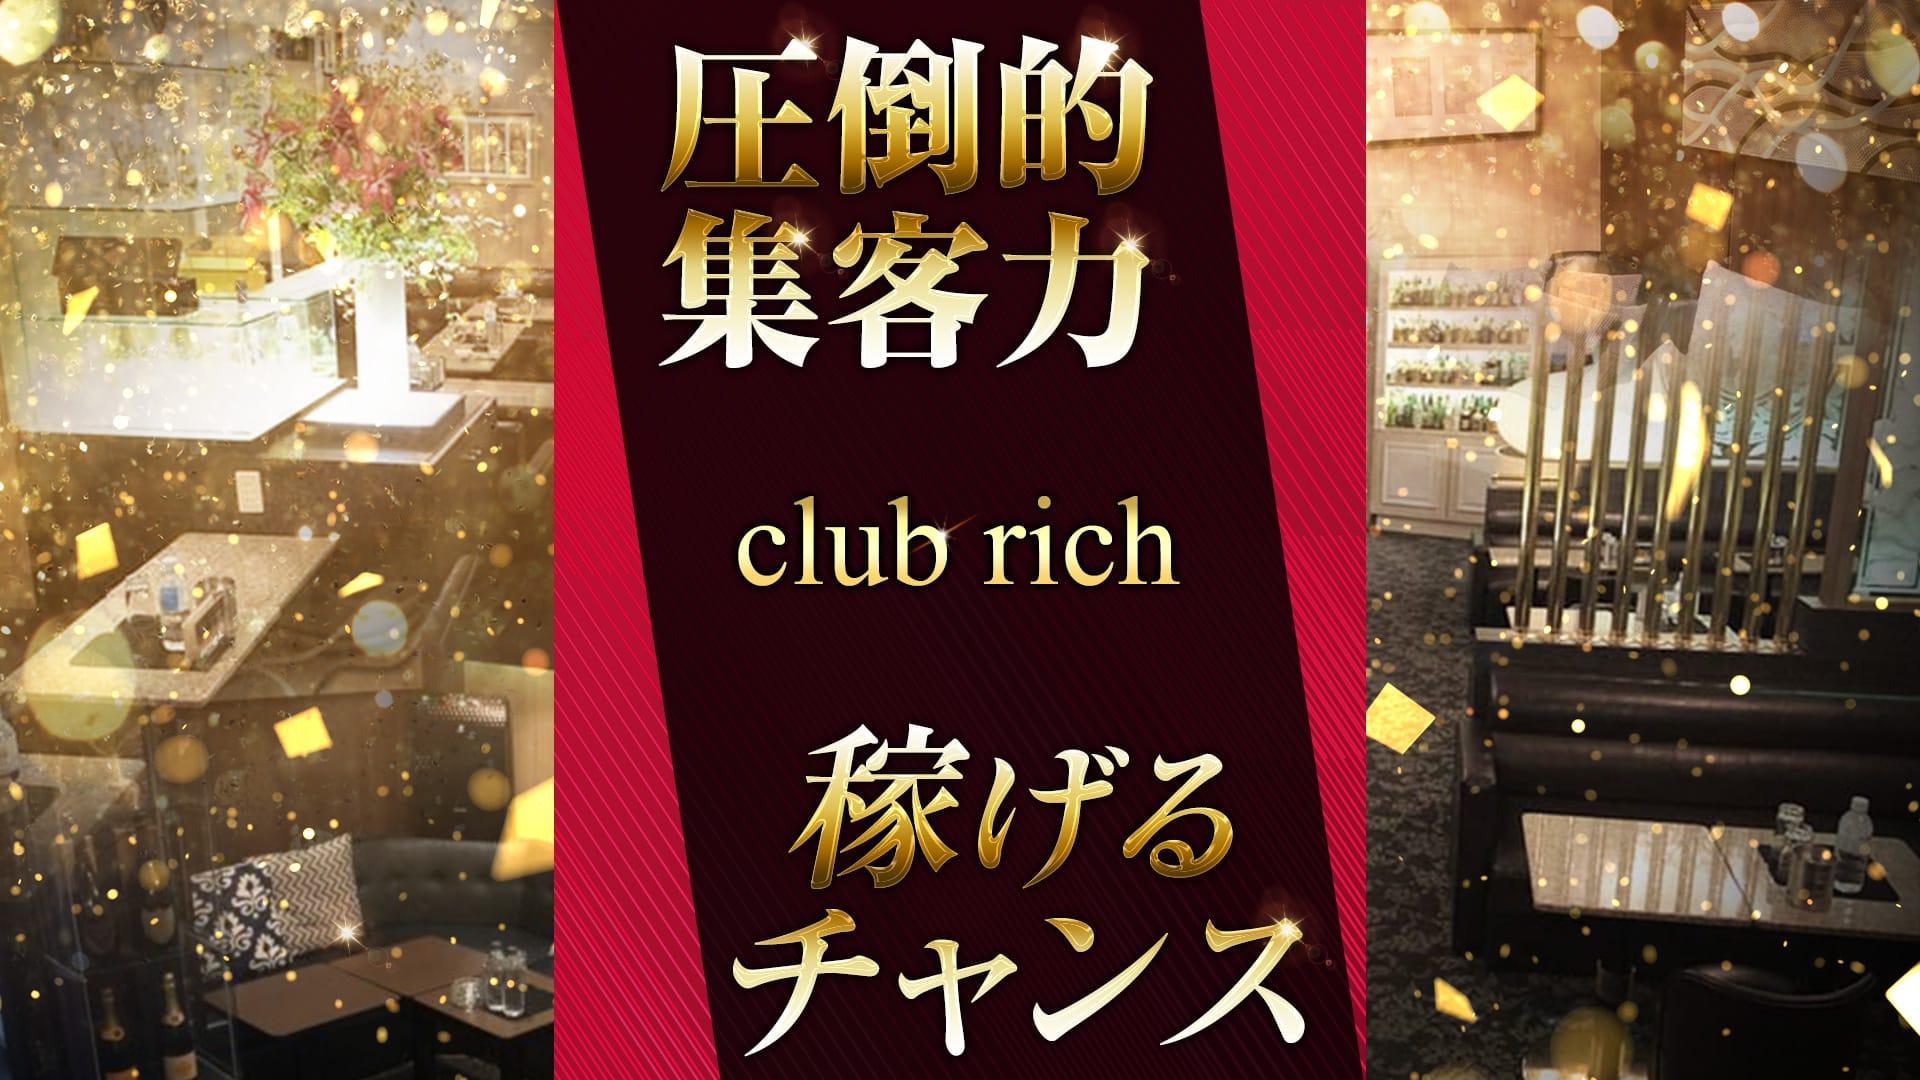 club rich(リッチ) 川崎キャバクラ TOP画像